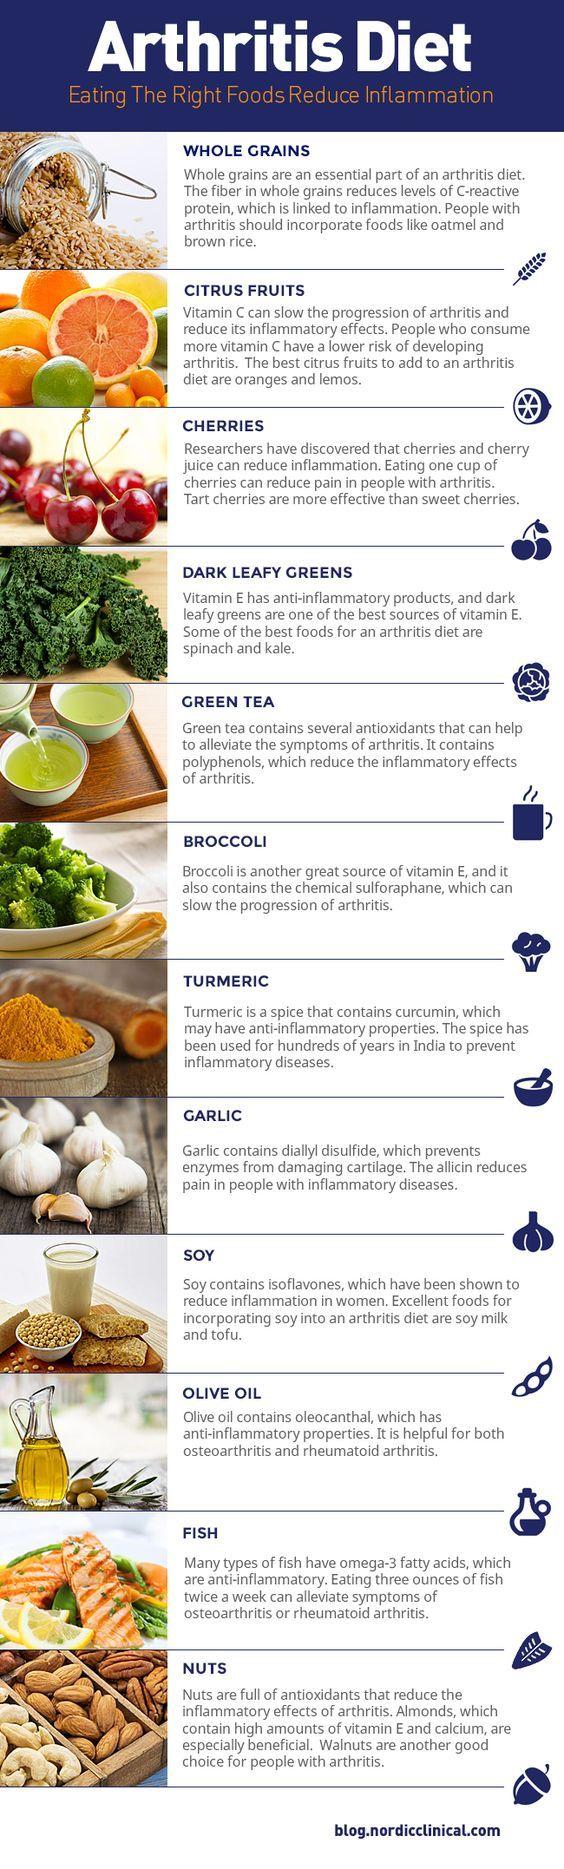 artrite dieta